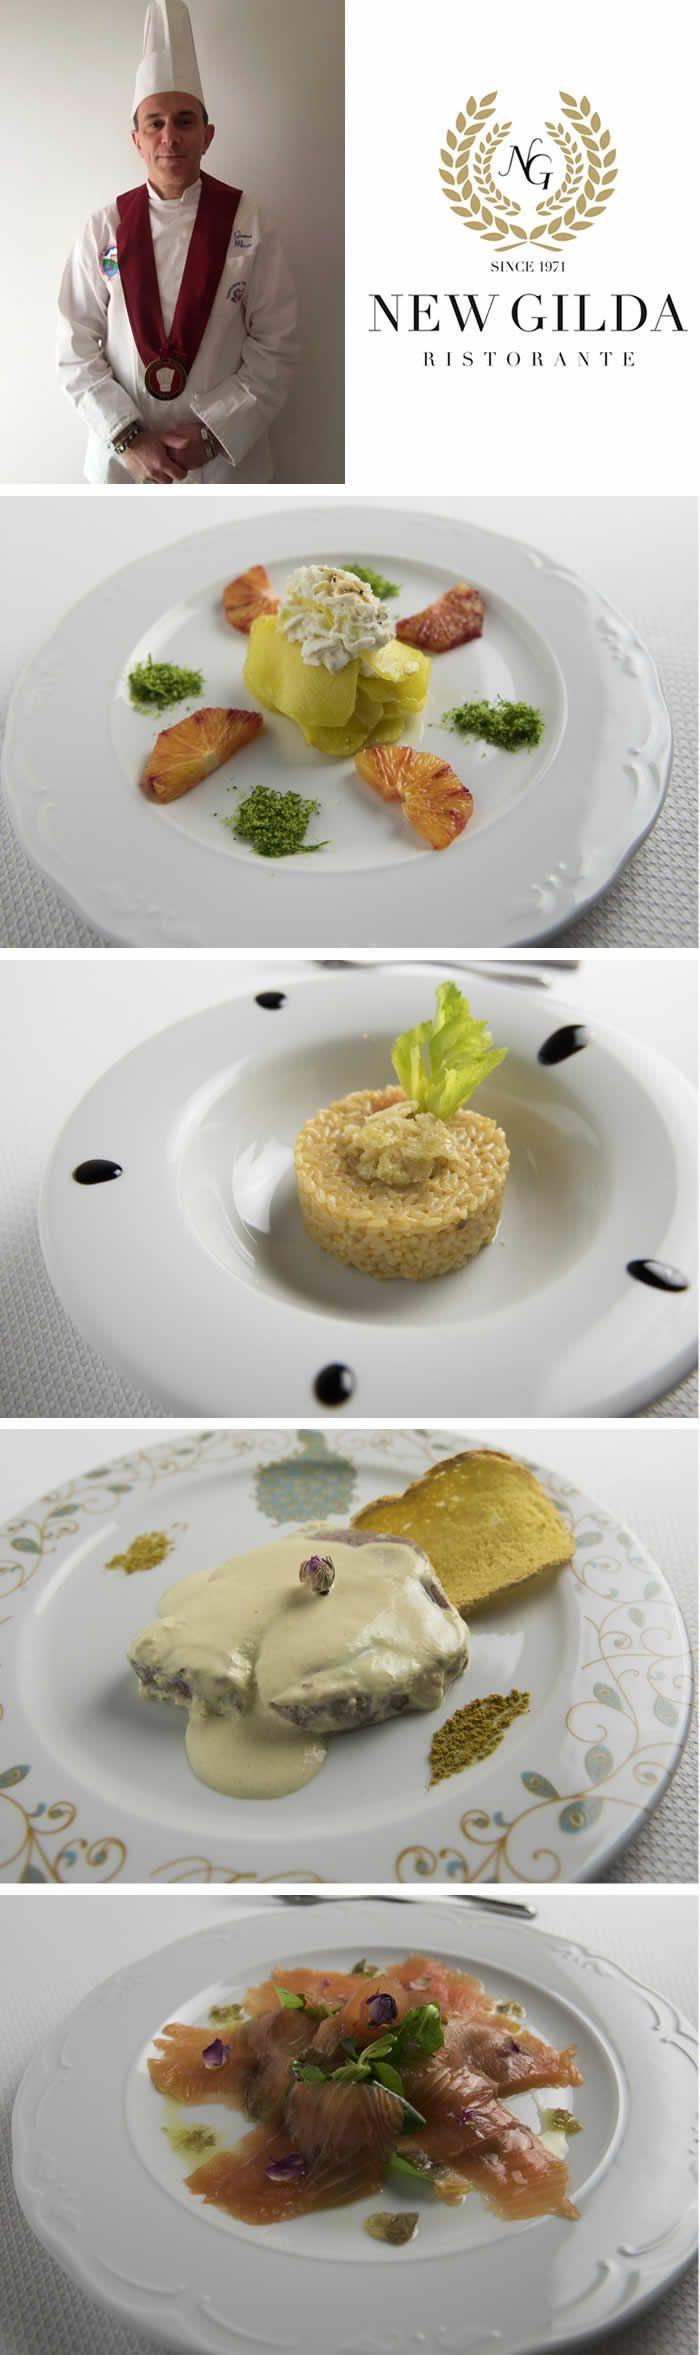 Dalle cucine del ristorante New Gilda, le ricette dello chef Gianni  Miccio con le spezie James 1599